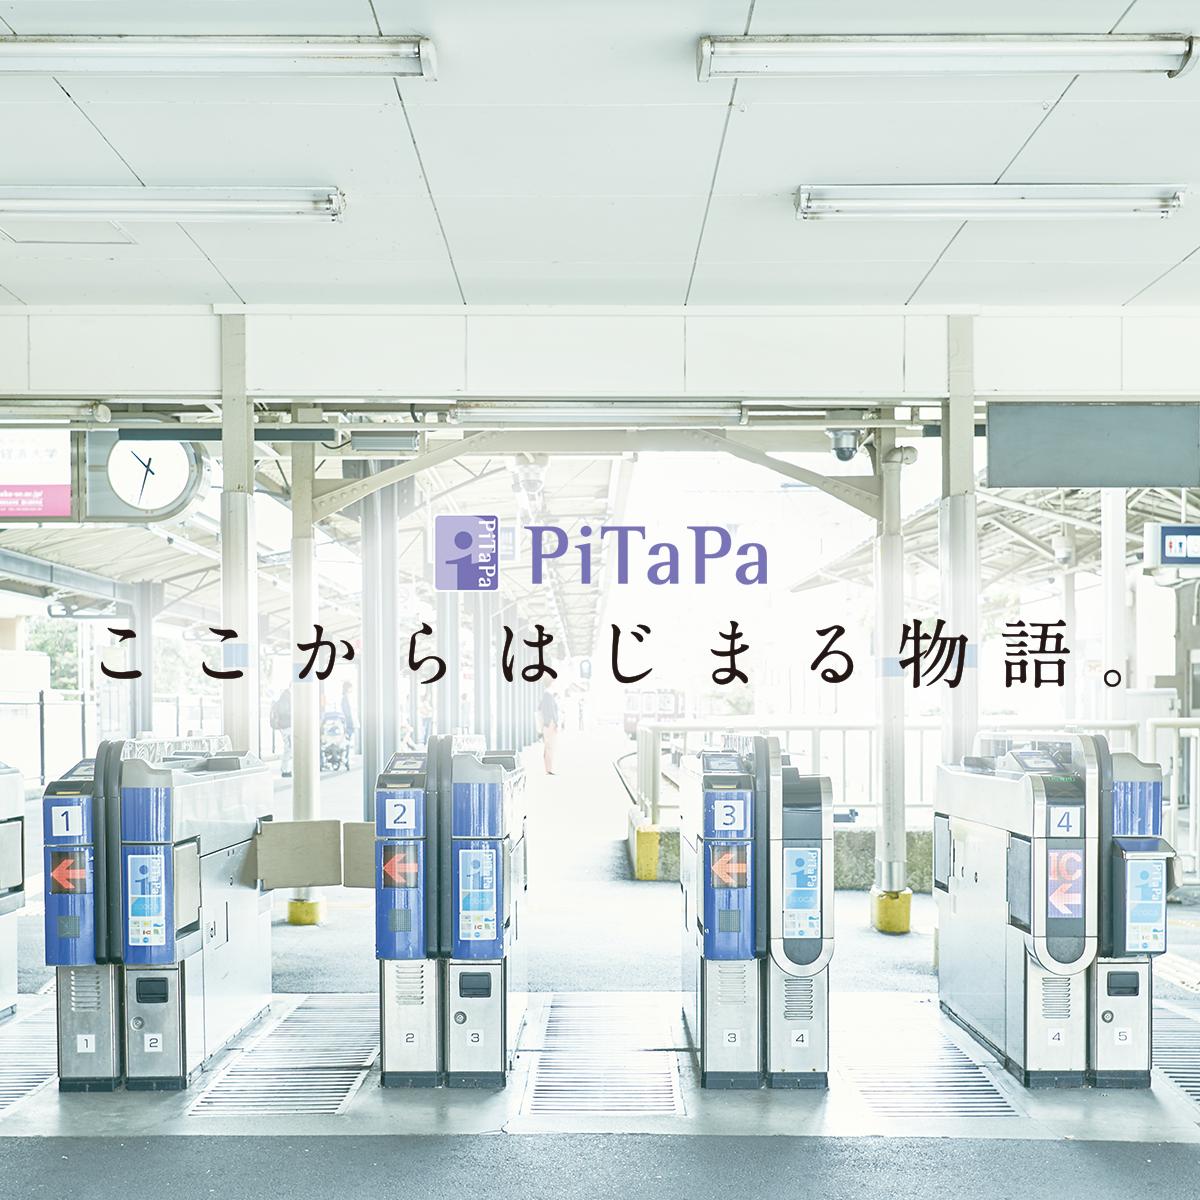 ここからはじまる物語。|PiTaPa.com